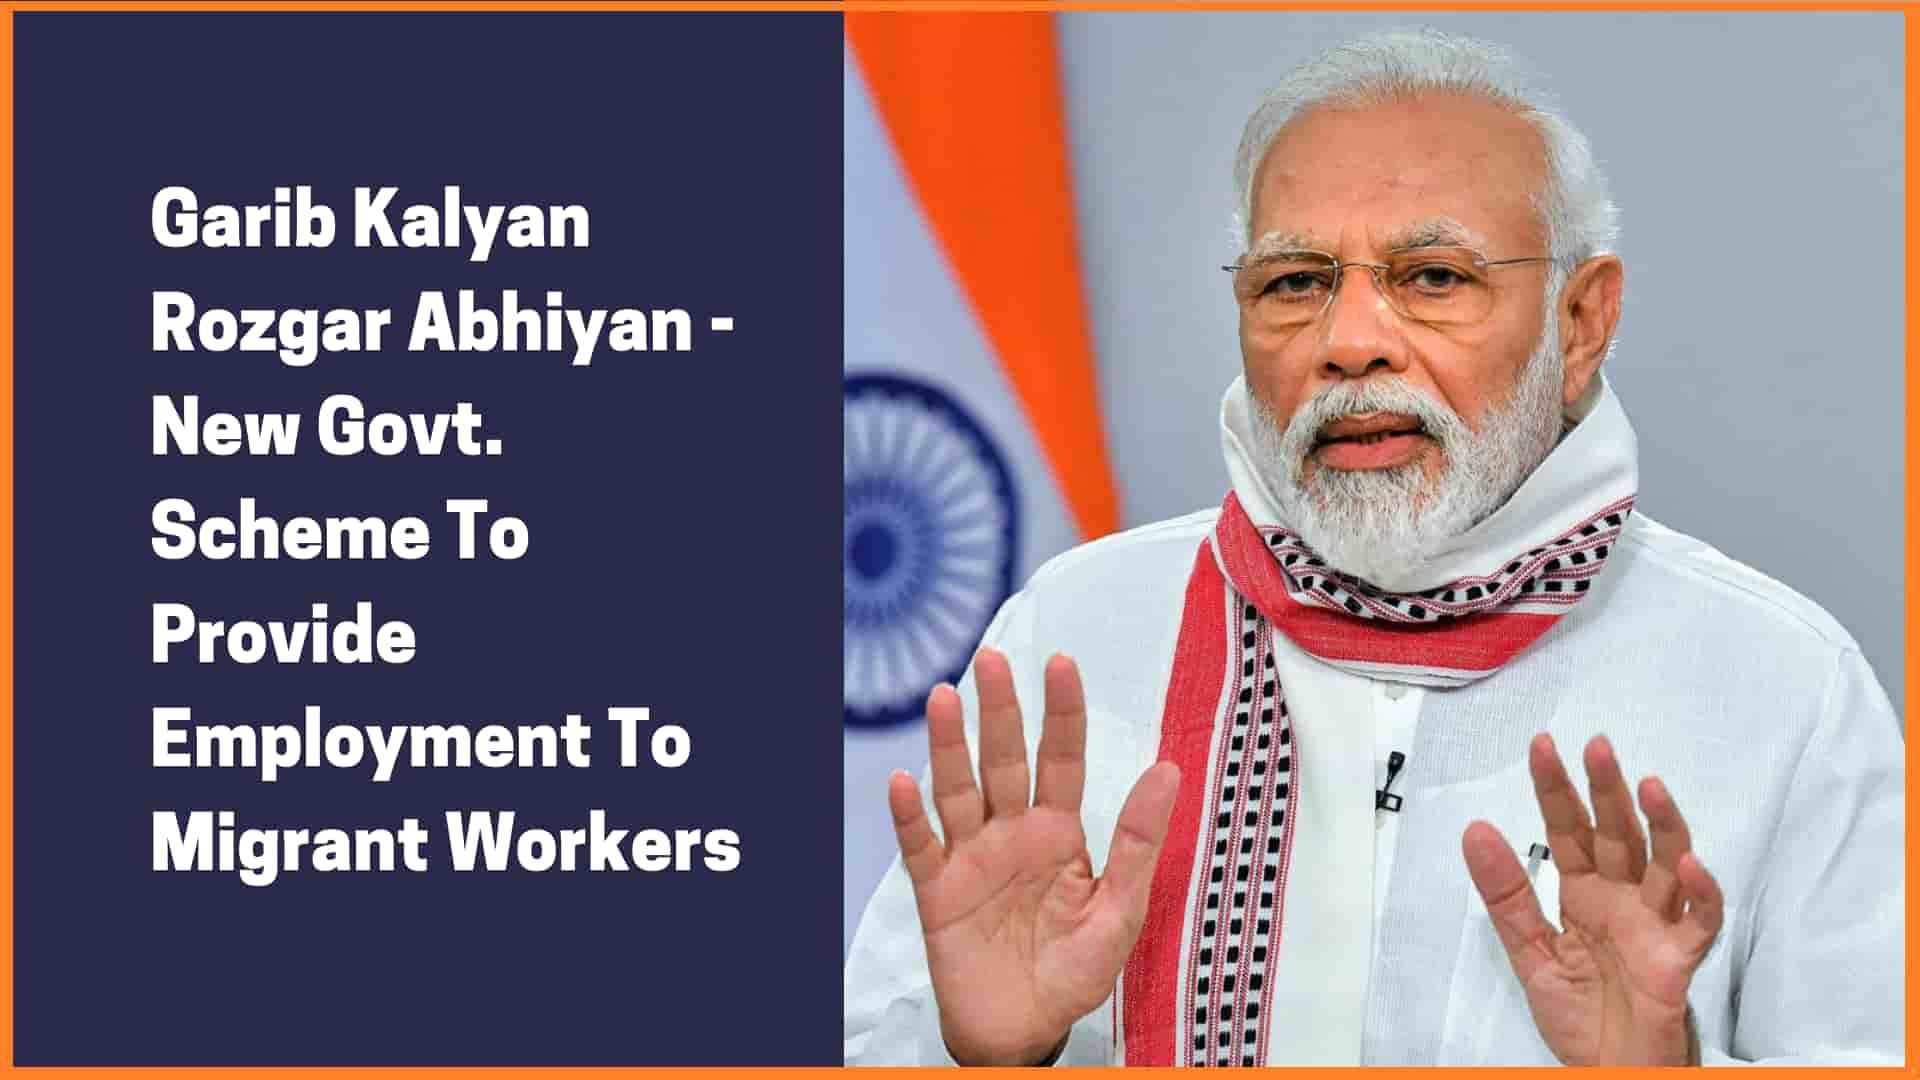 Garib Kalyan Rozgar Abhiyan - Scheme To Provide Employment To Millions Of Migrant Workers